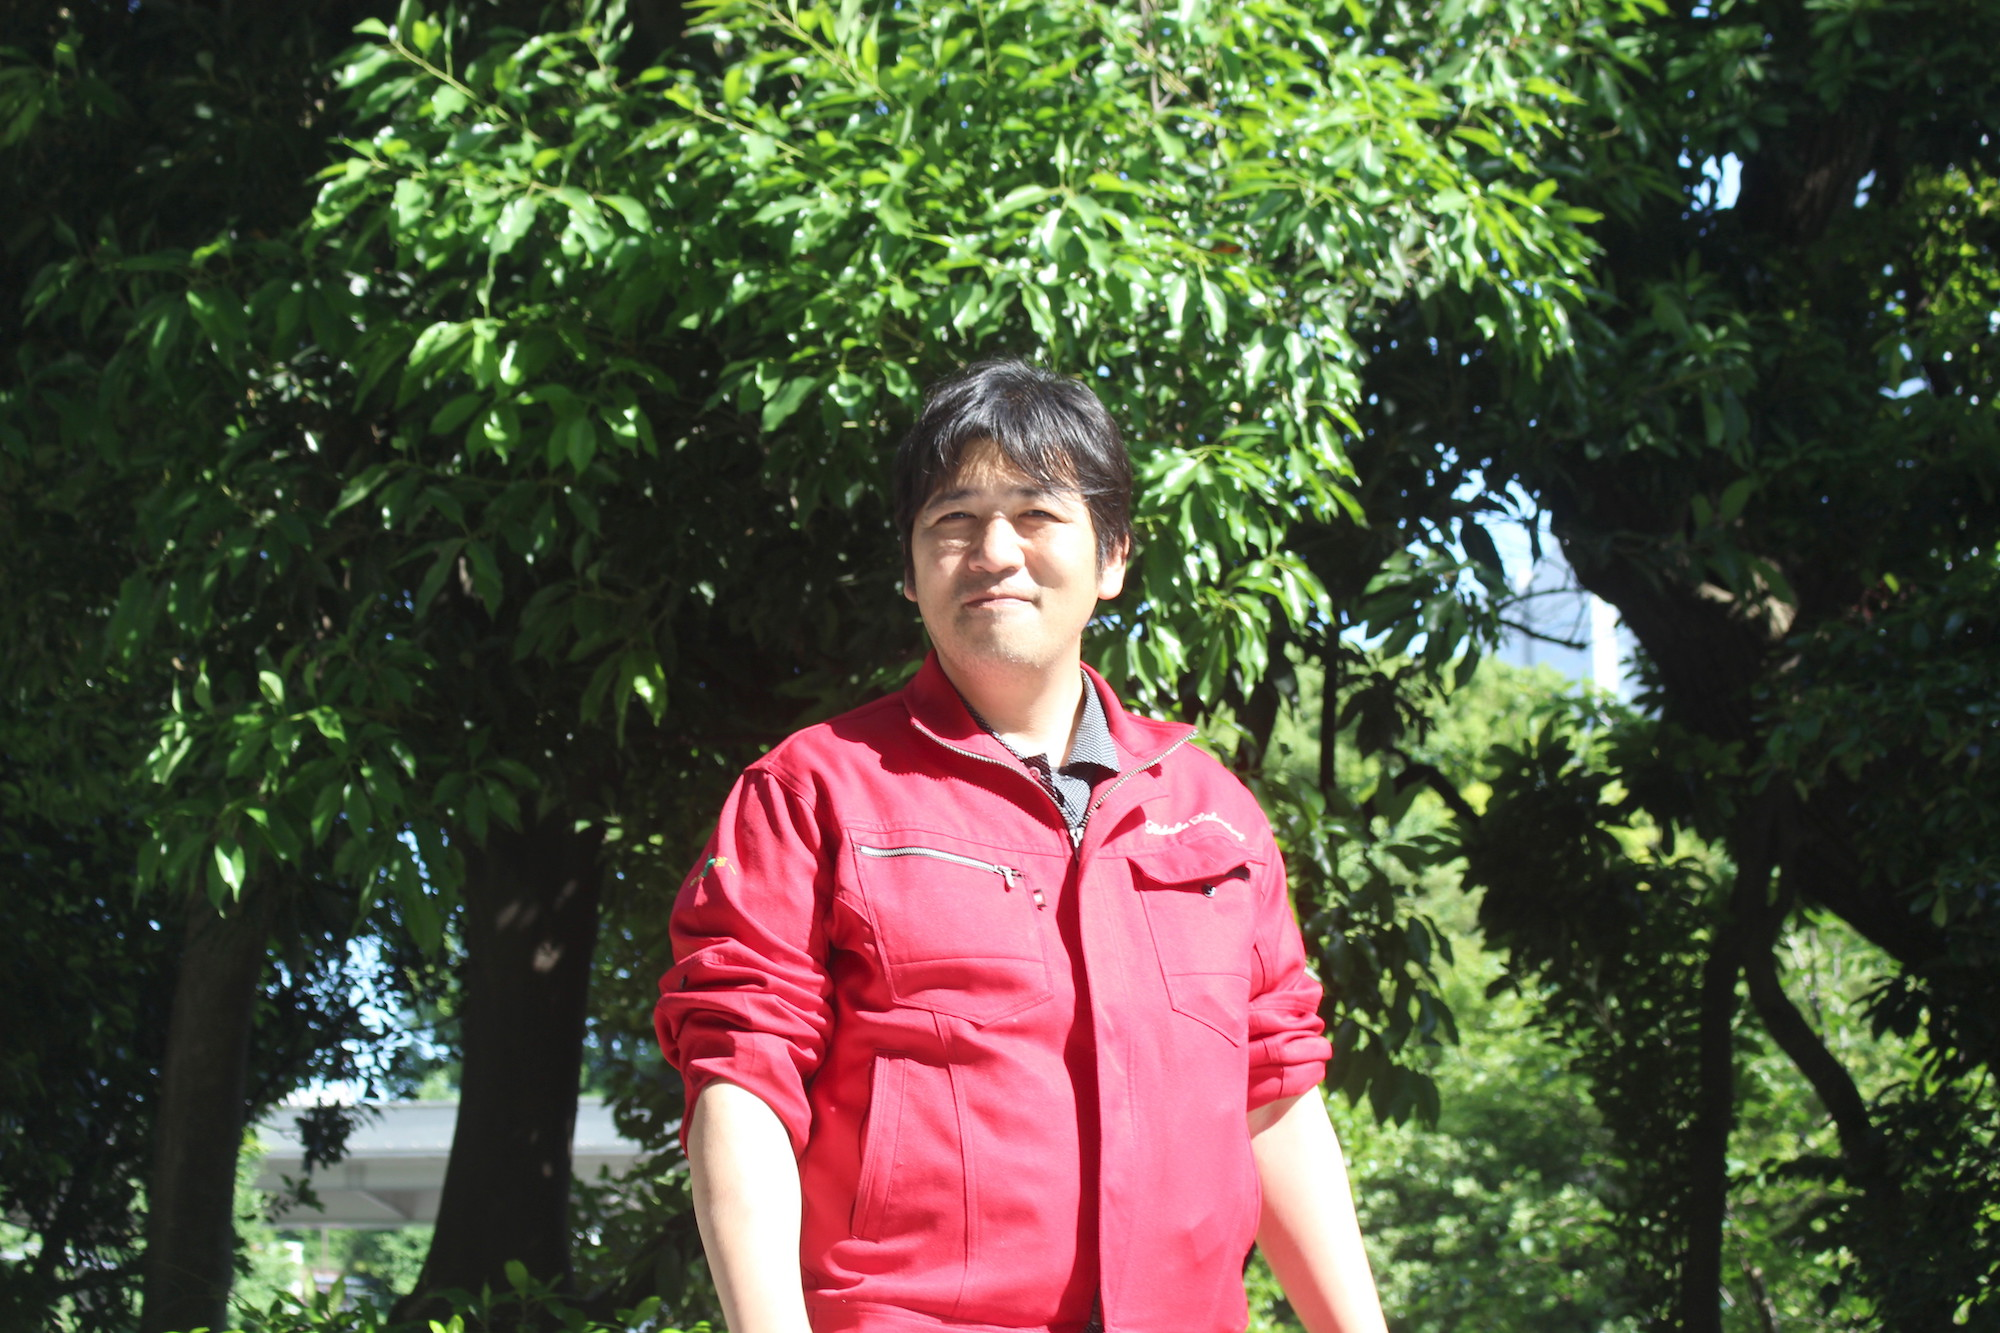 """北海道から沖縄まで、日本全国を旅する無所属ゼミって?出会いを財産に変える""""謎の研究者""""日高啓太郎さんインタビュー"""